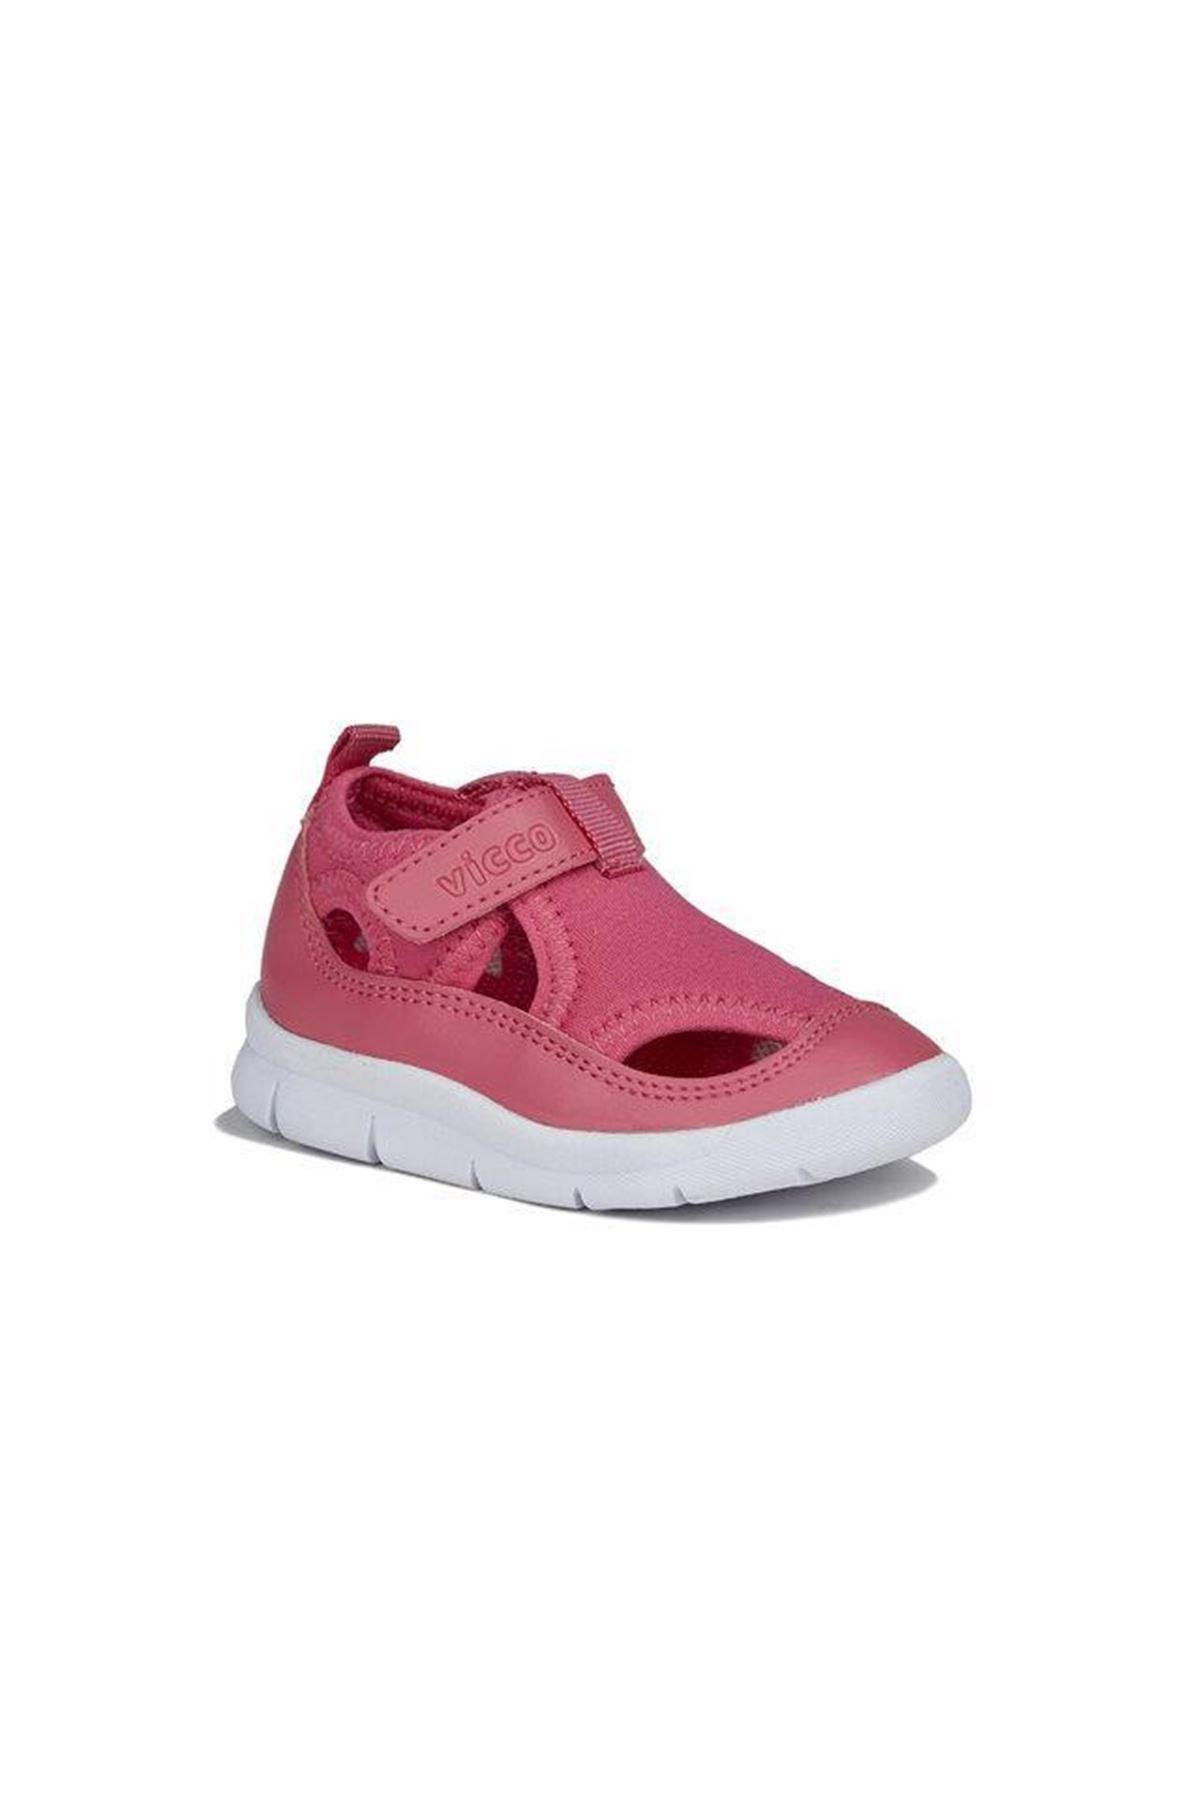 Vicco İlk Adım Phylon Spor Ayakkabı 346.E20Y.204 Fuşya